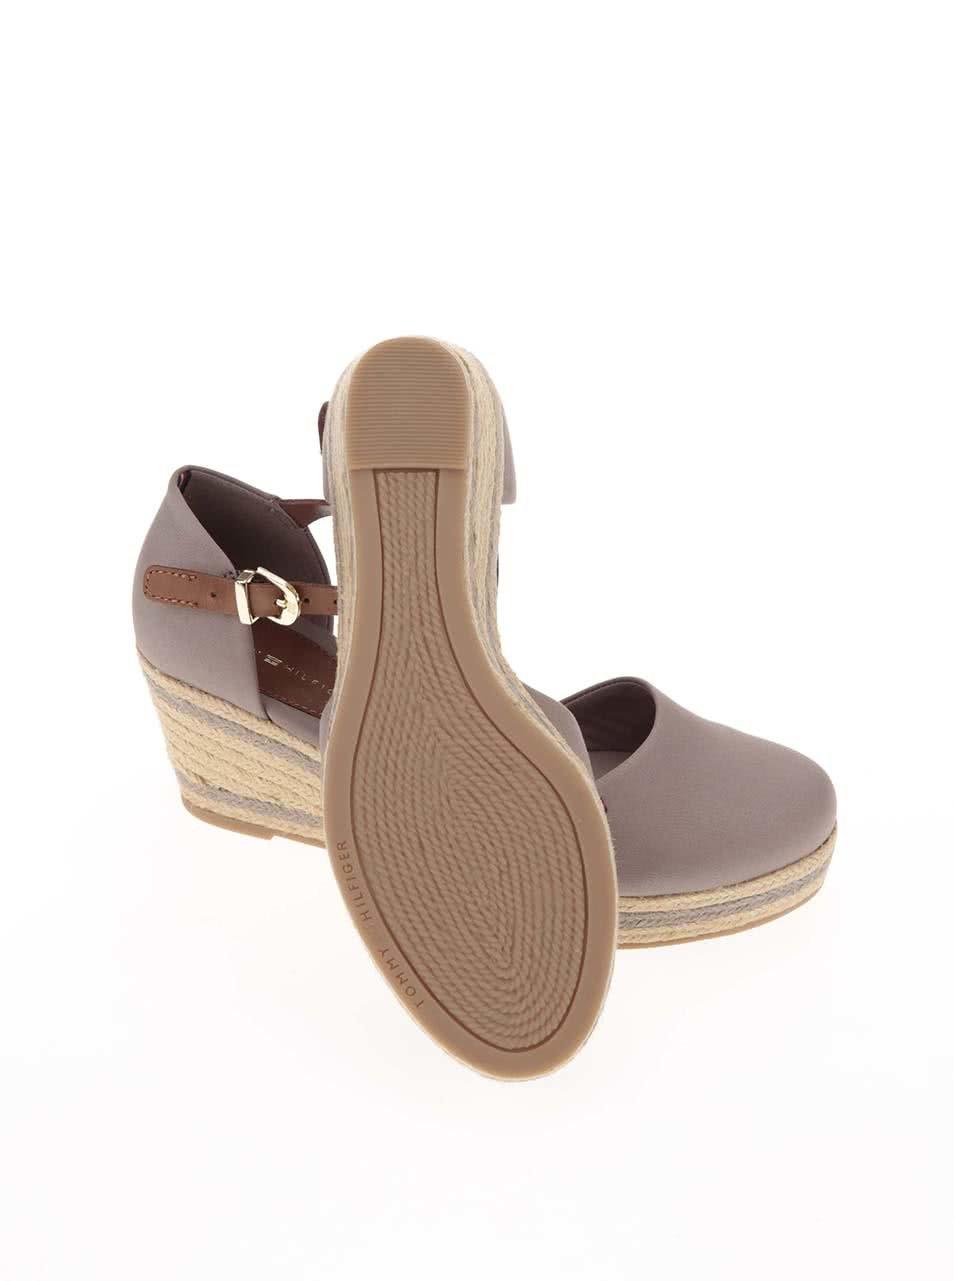 Šedé dámské sandály na klínku Tommy Hilfiger ... 96a8c71e2d0